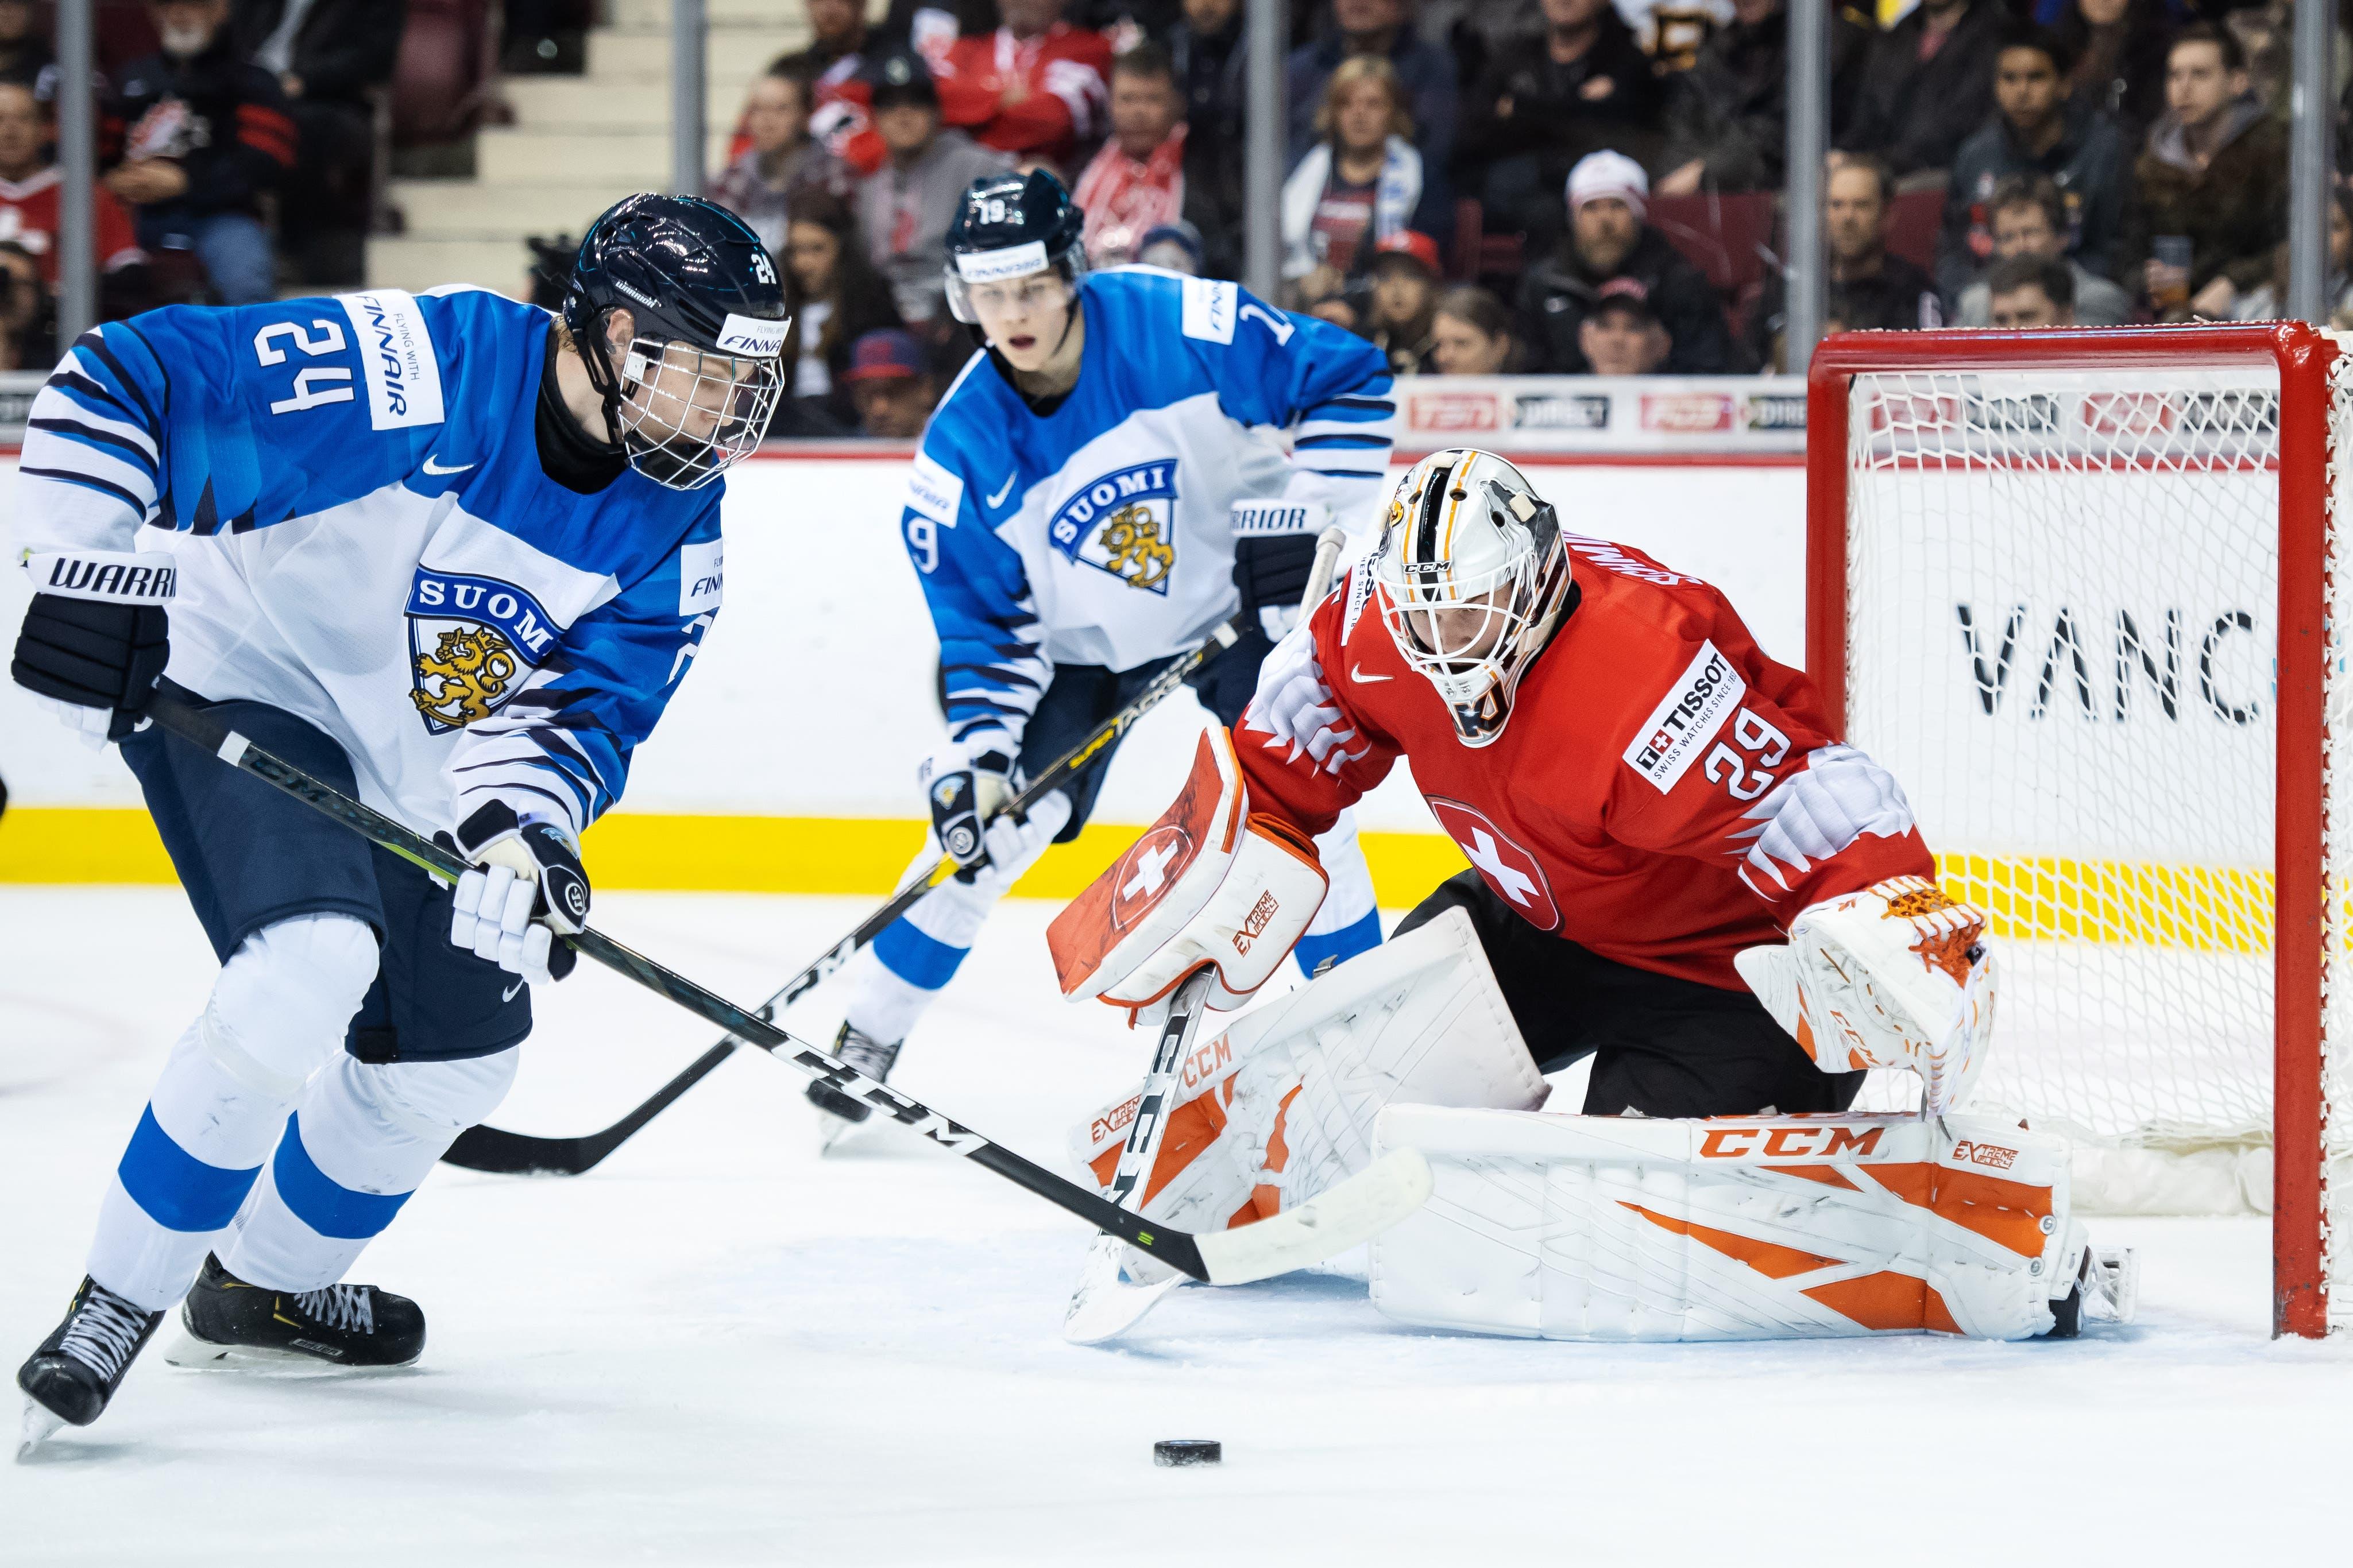 Die Finnen waren klar besser. Der Schweizer Torhüter Akira Schmid hatte alle Hände voll zu tun. (Bild: Joel Marklund/Bildbyran/freshfocus (Vancouver, 4. Januar 2019))